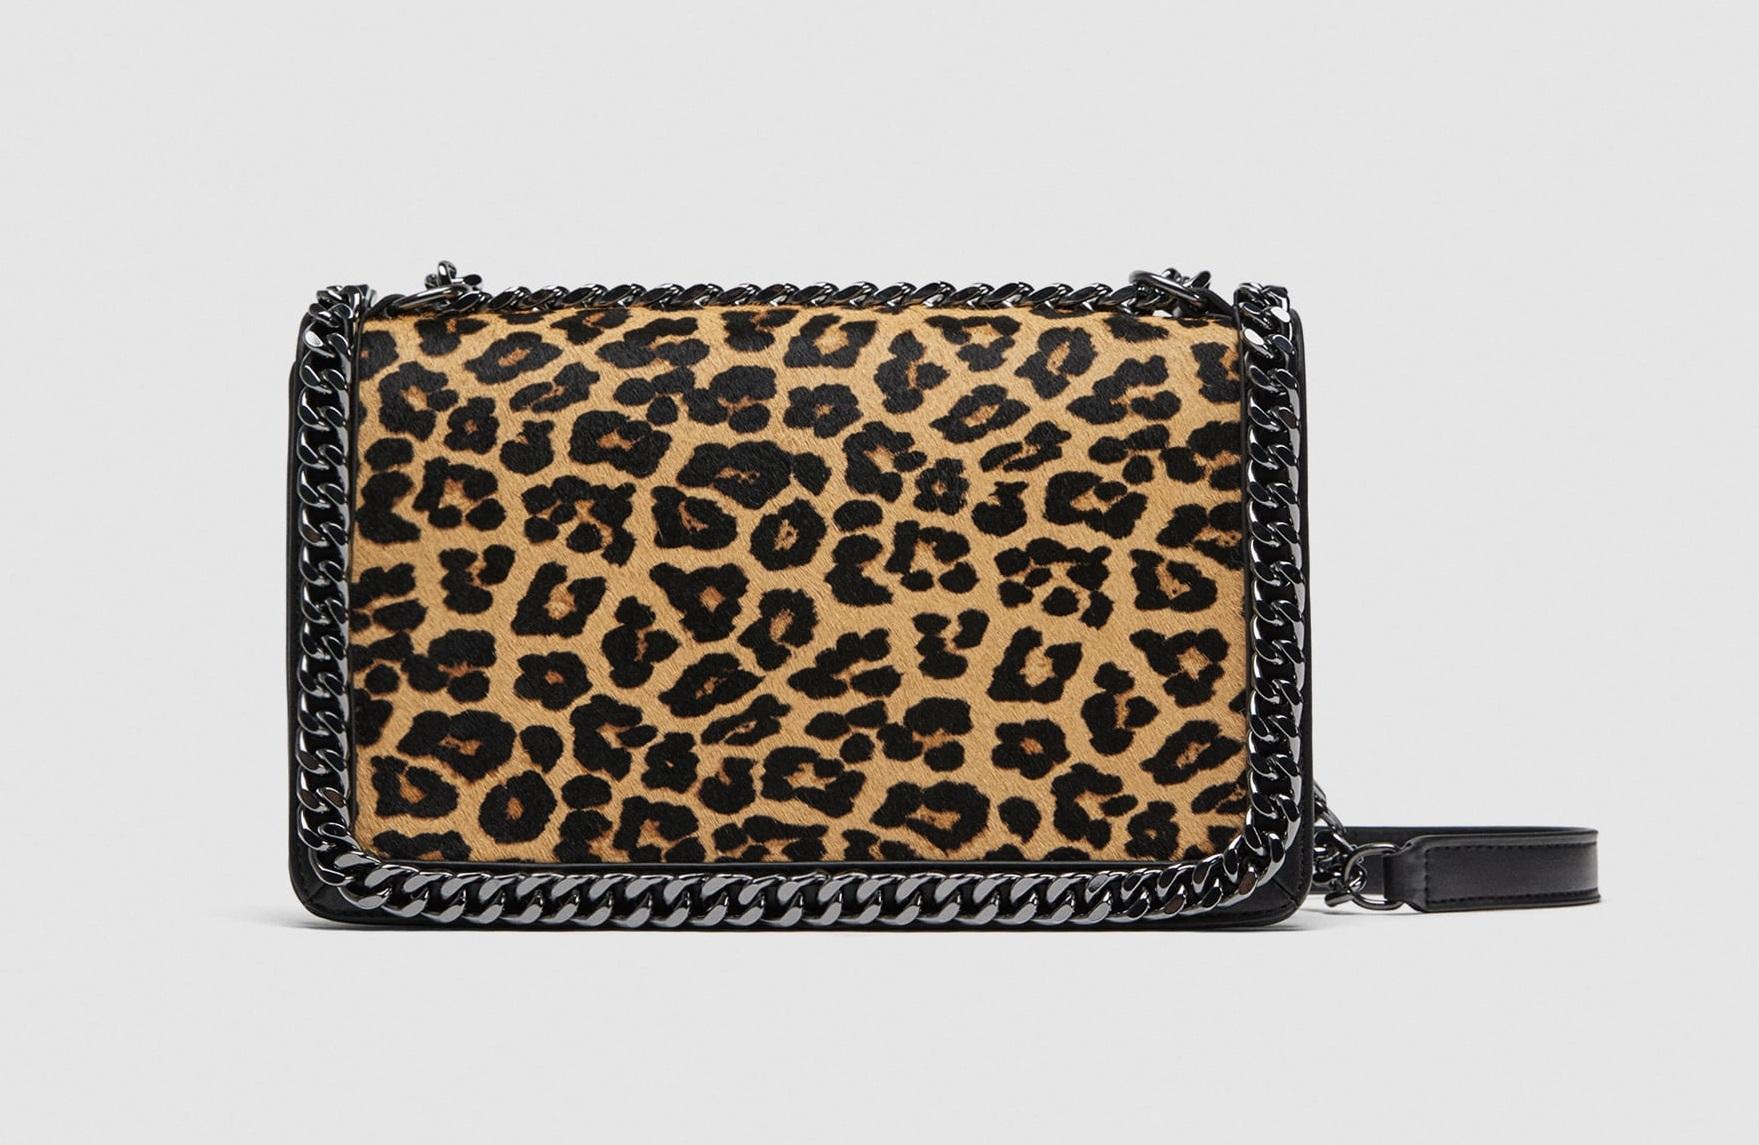 Borsa a tracolla animalier Zara collezione primavera estate 2018